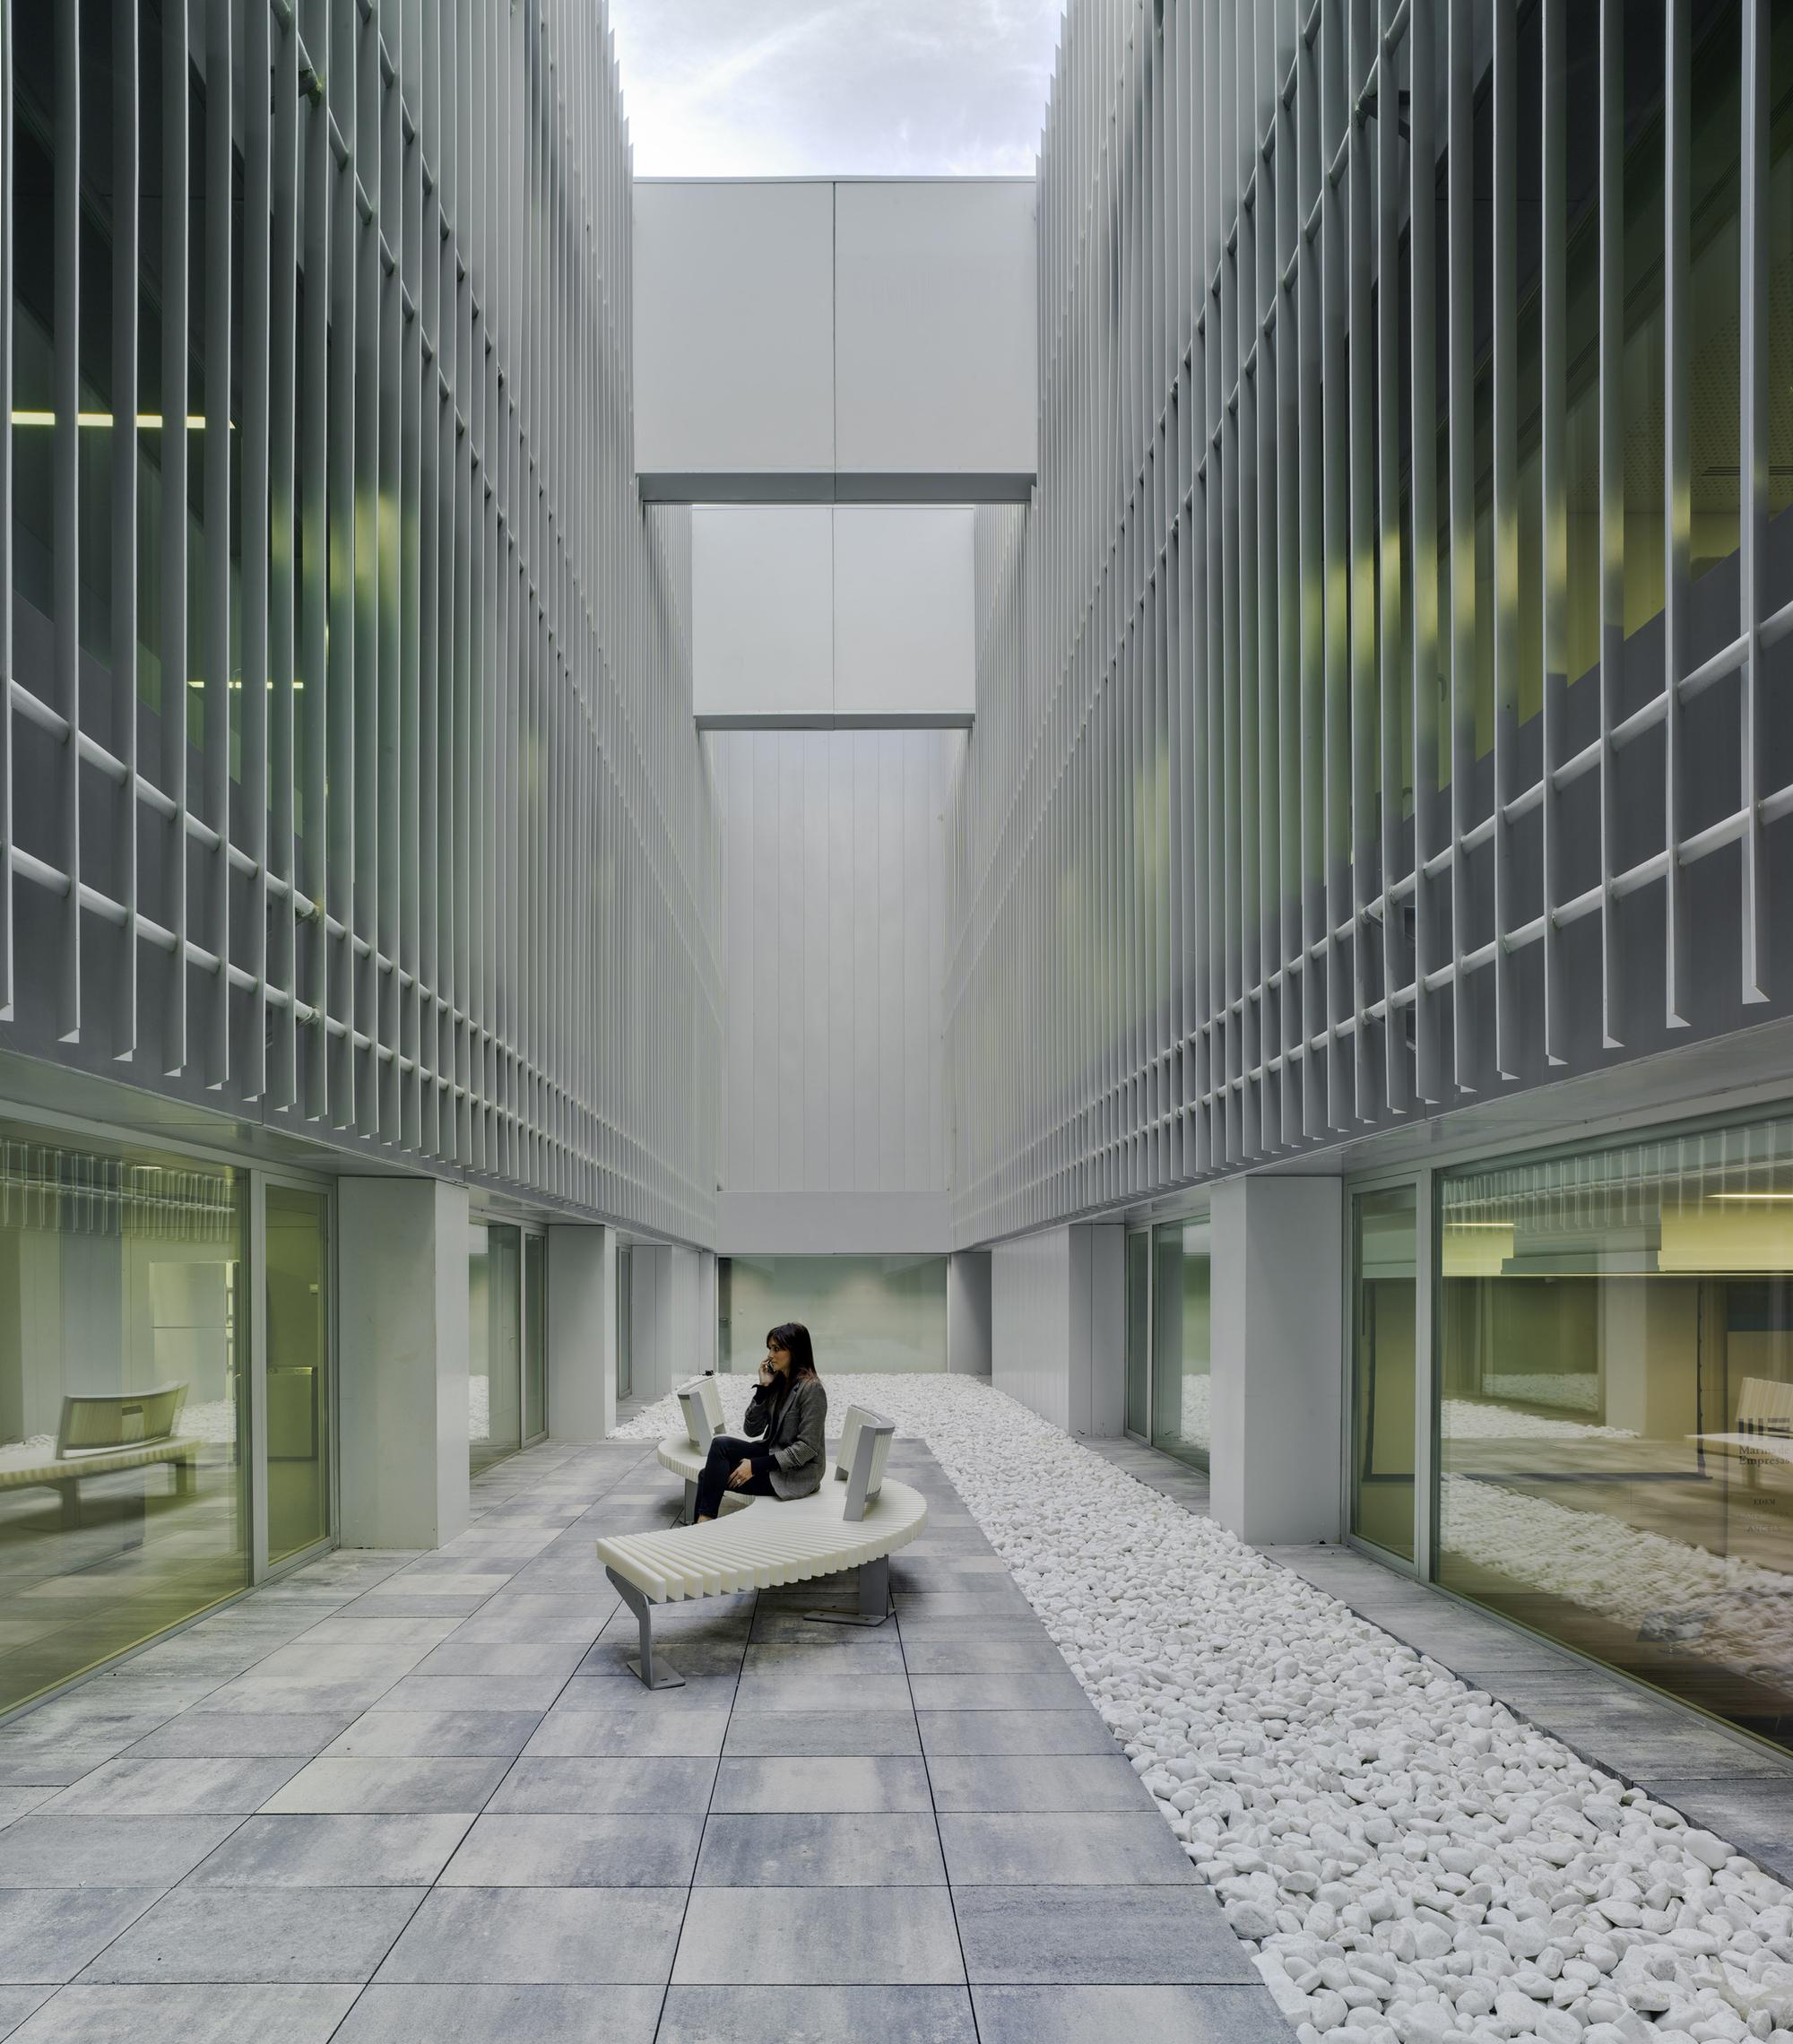 Marina de empresas erre arquitectura archdaily for Empresas de arquitectura